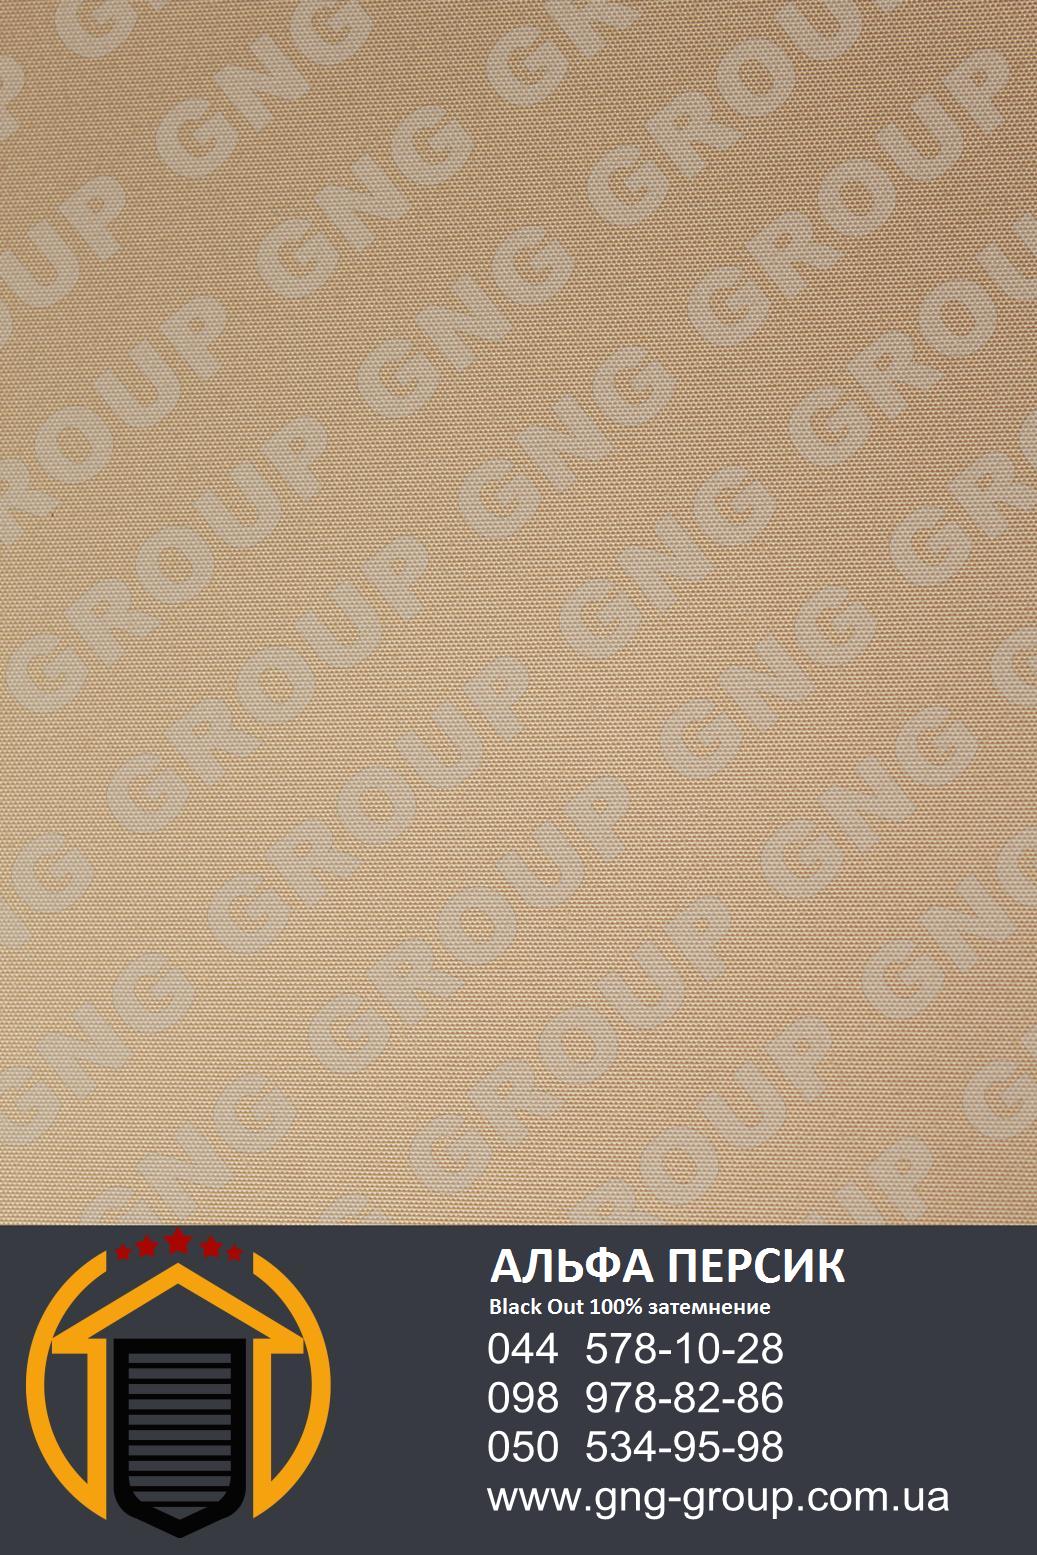 gng-group.com.ua